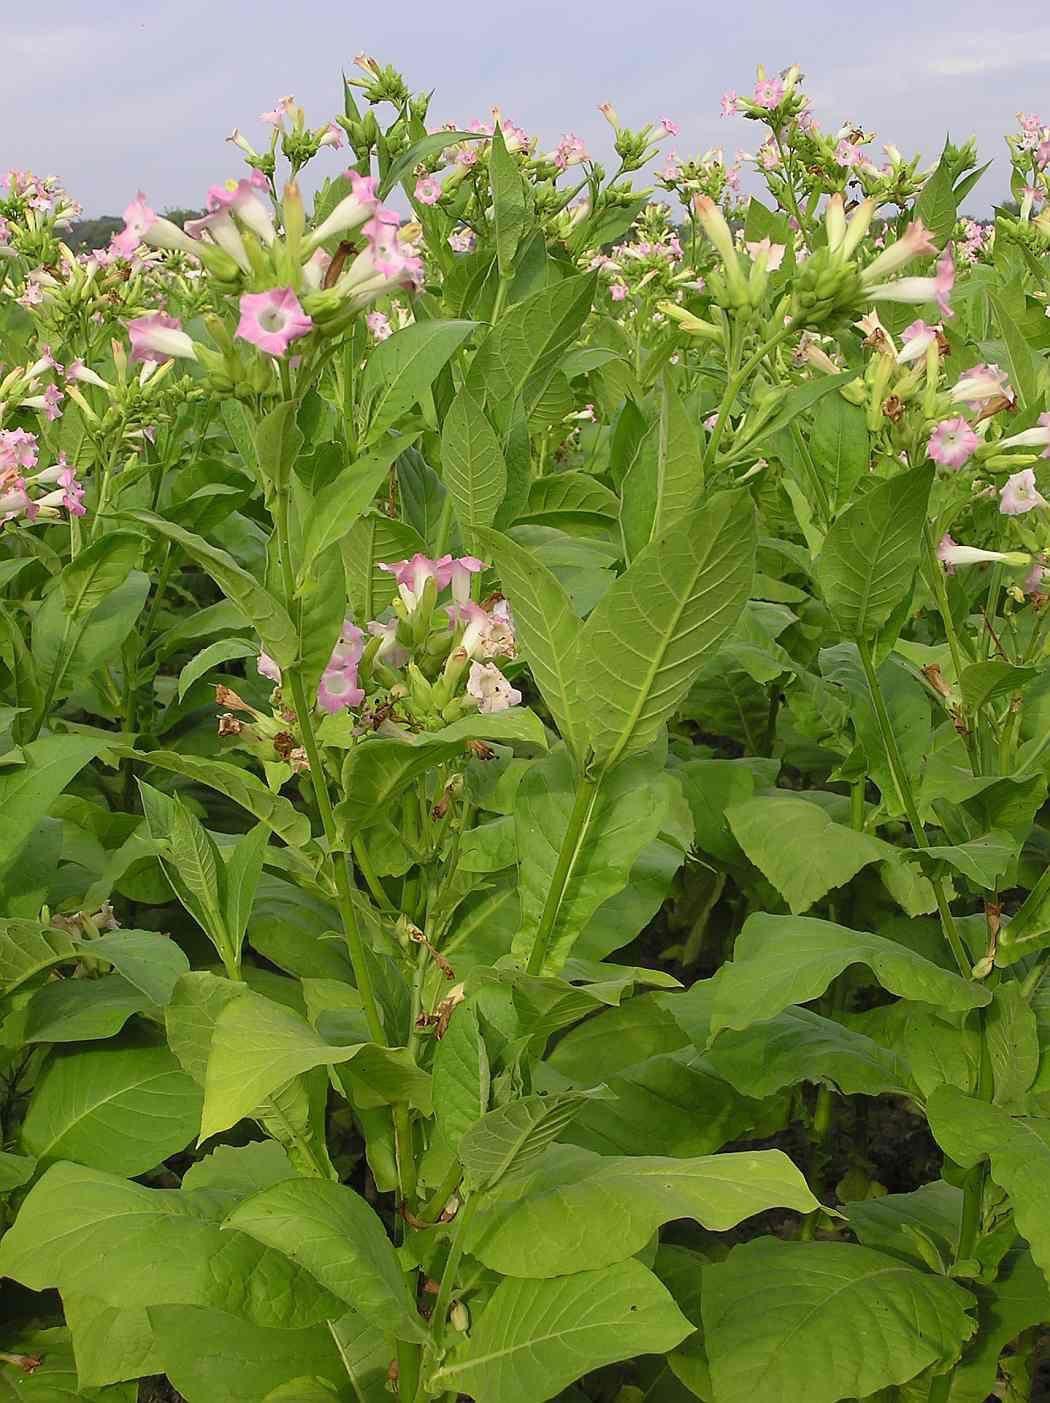 Фото растения табак домашний с листьями, посадка в открытый грунт бесплатно